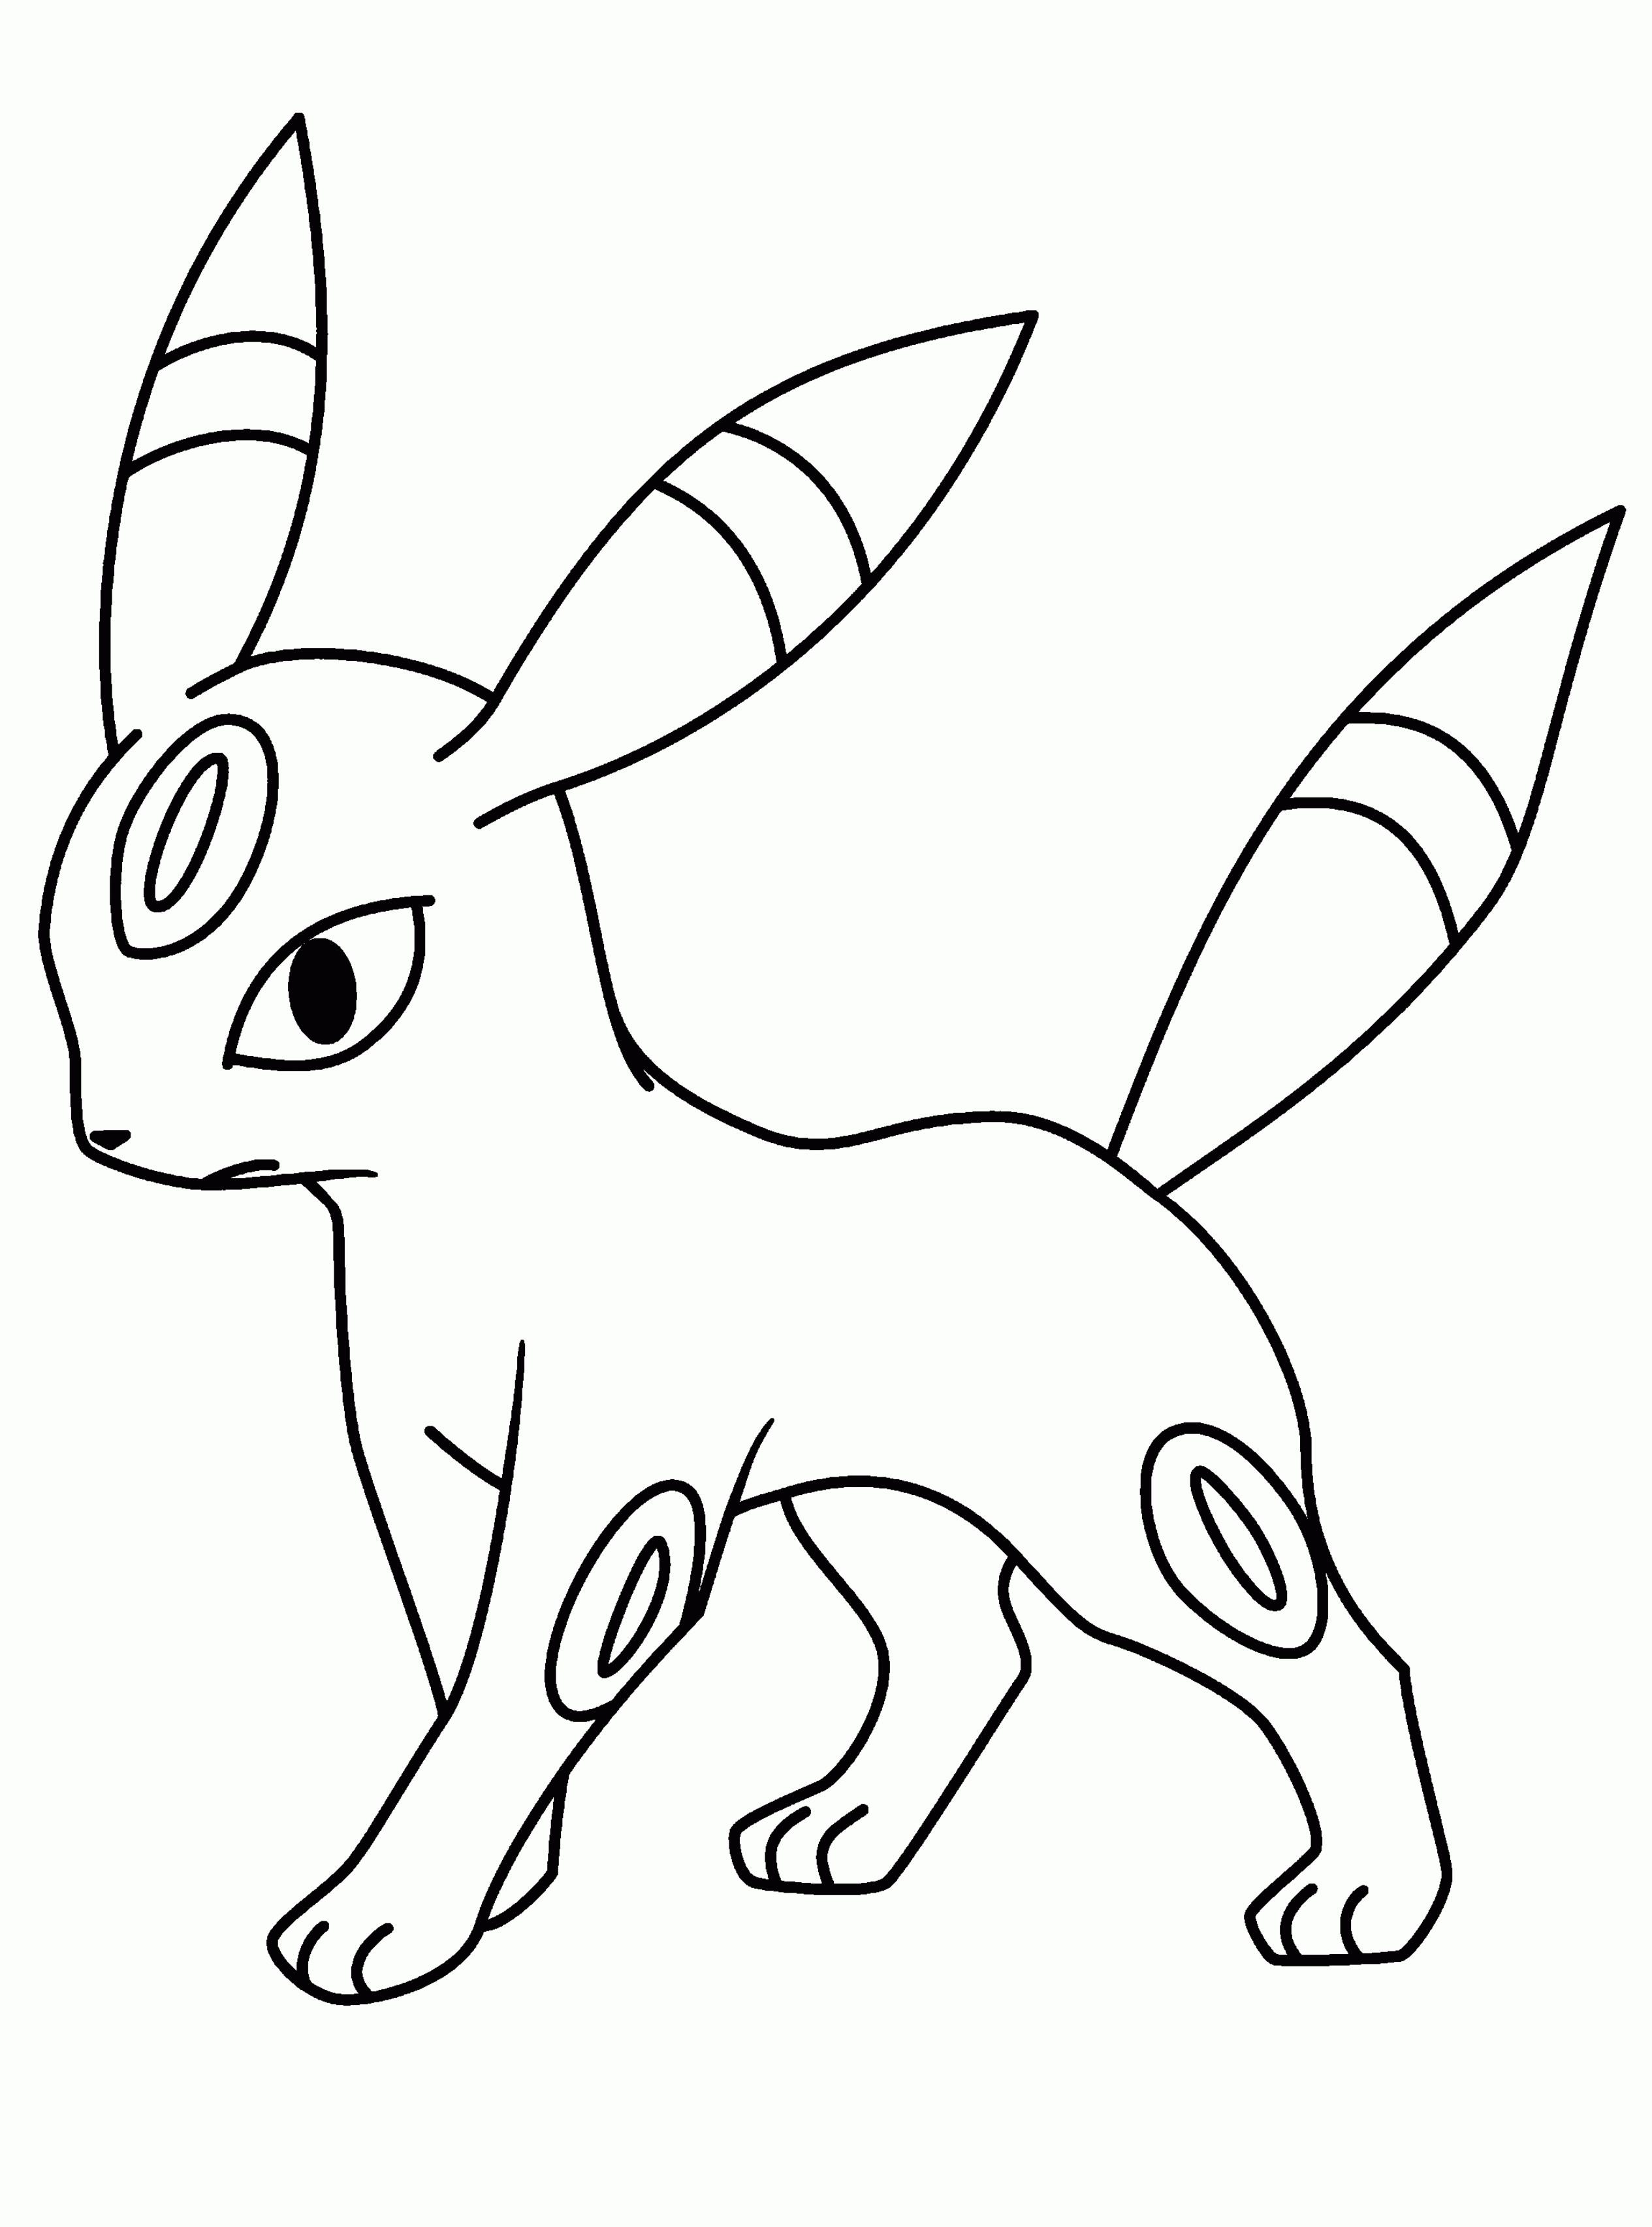 Ausmalbilder Pokemon Nachtara Inspirierend Pokemon Ausmalbilder Zum Drucken Ausmalbilder Webpage Fotos